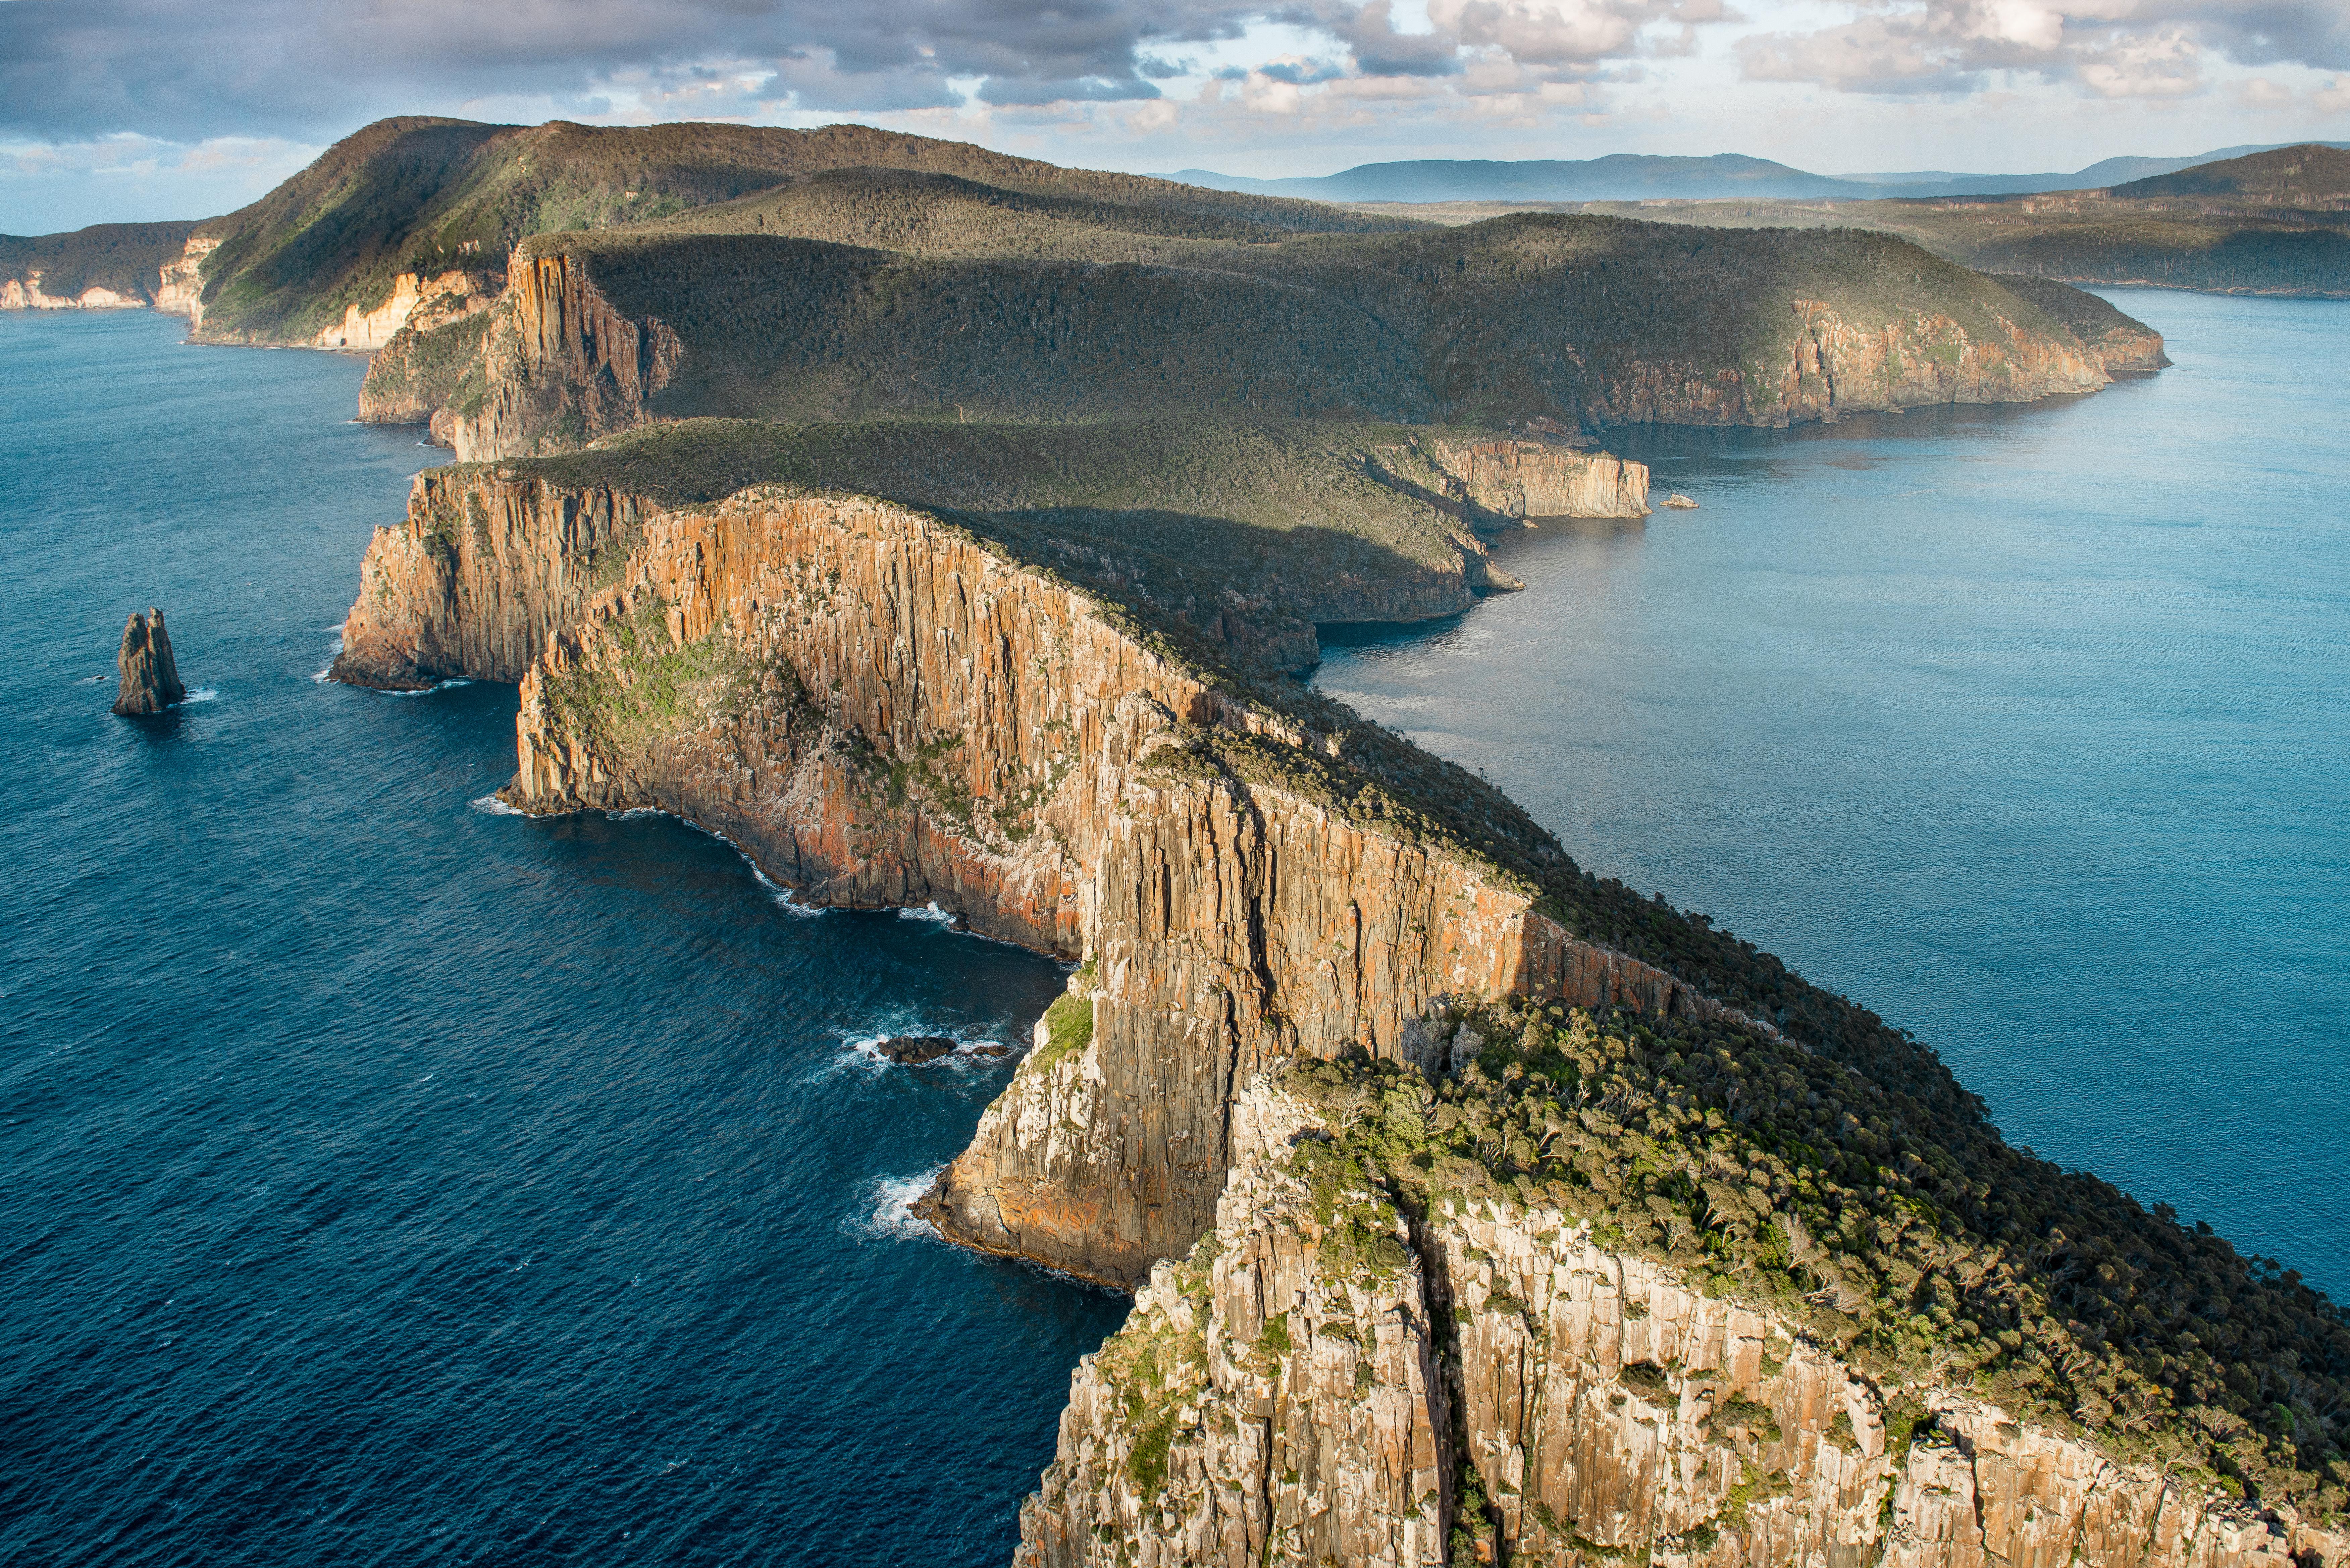 Tasmanië in Australie